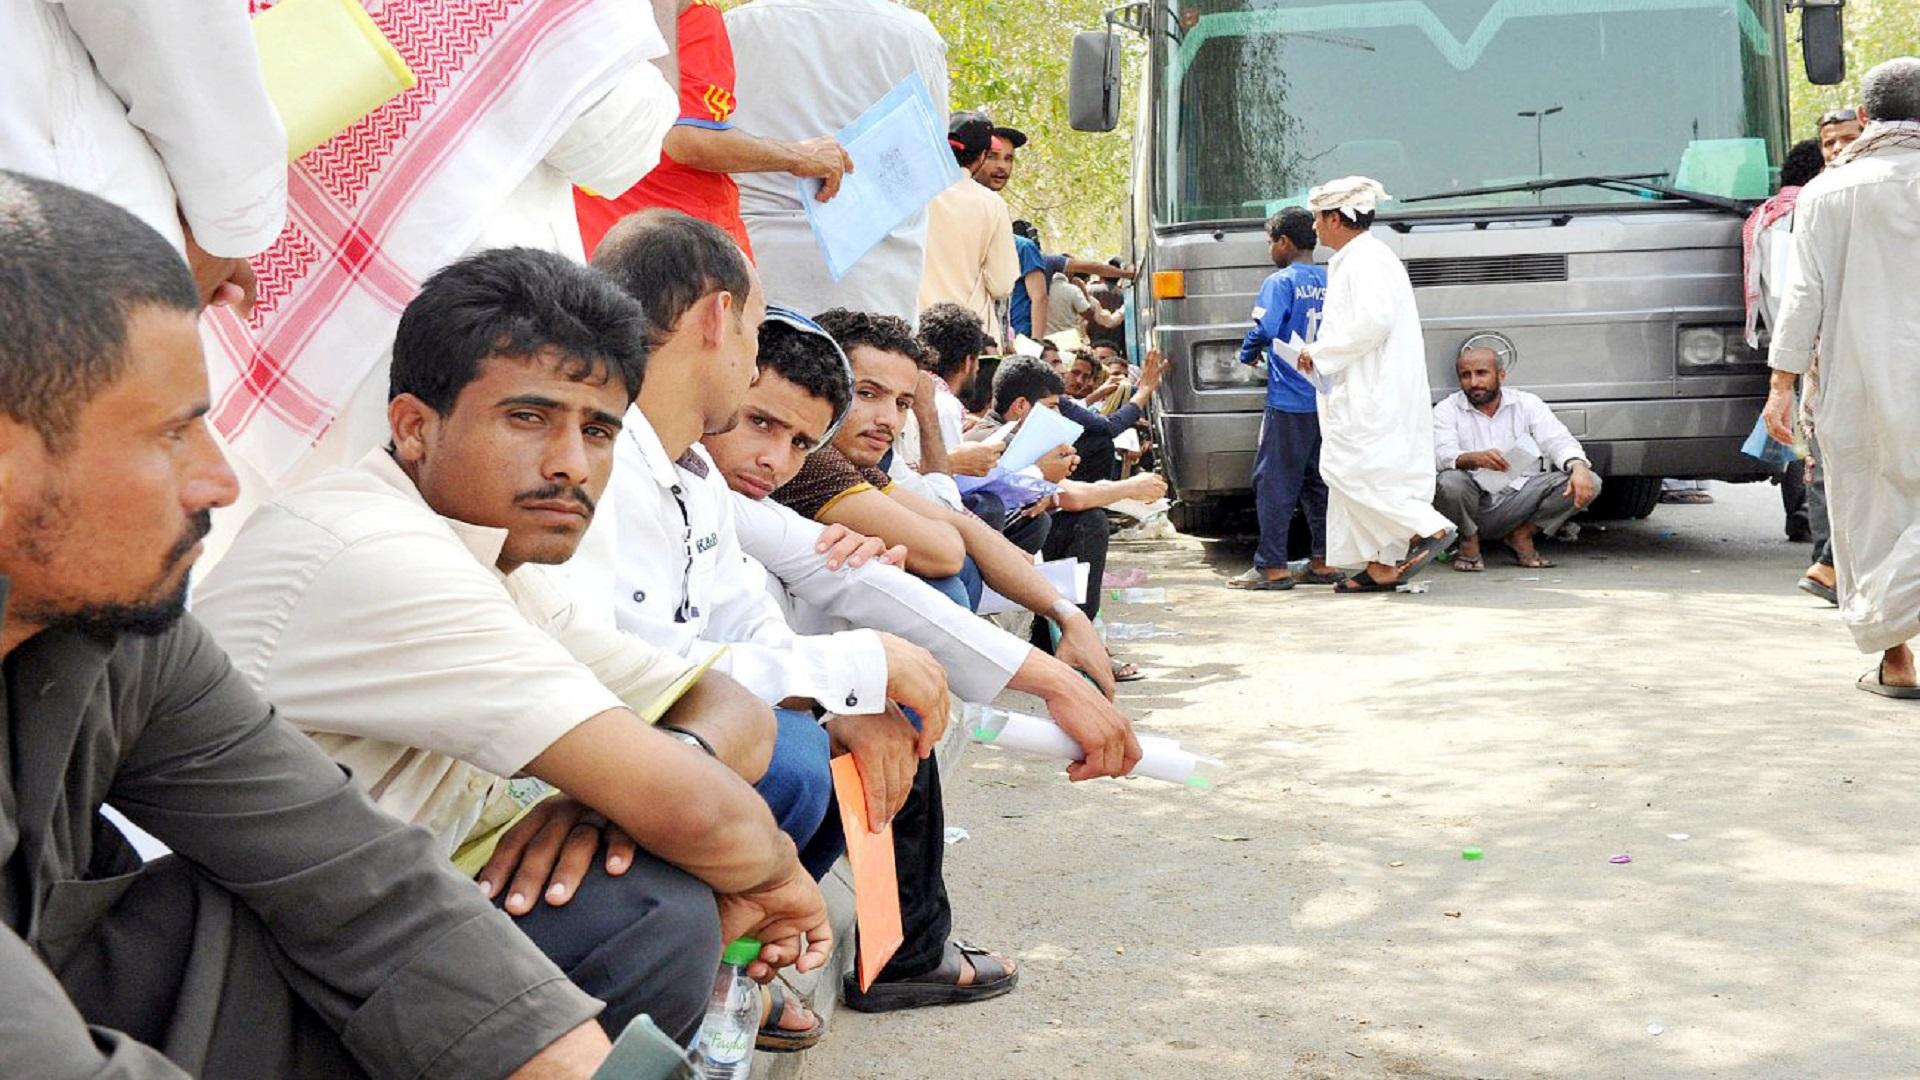 السعودية ترحل 40 ألف مغترب يمني خلال 3 أشهر